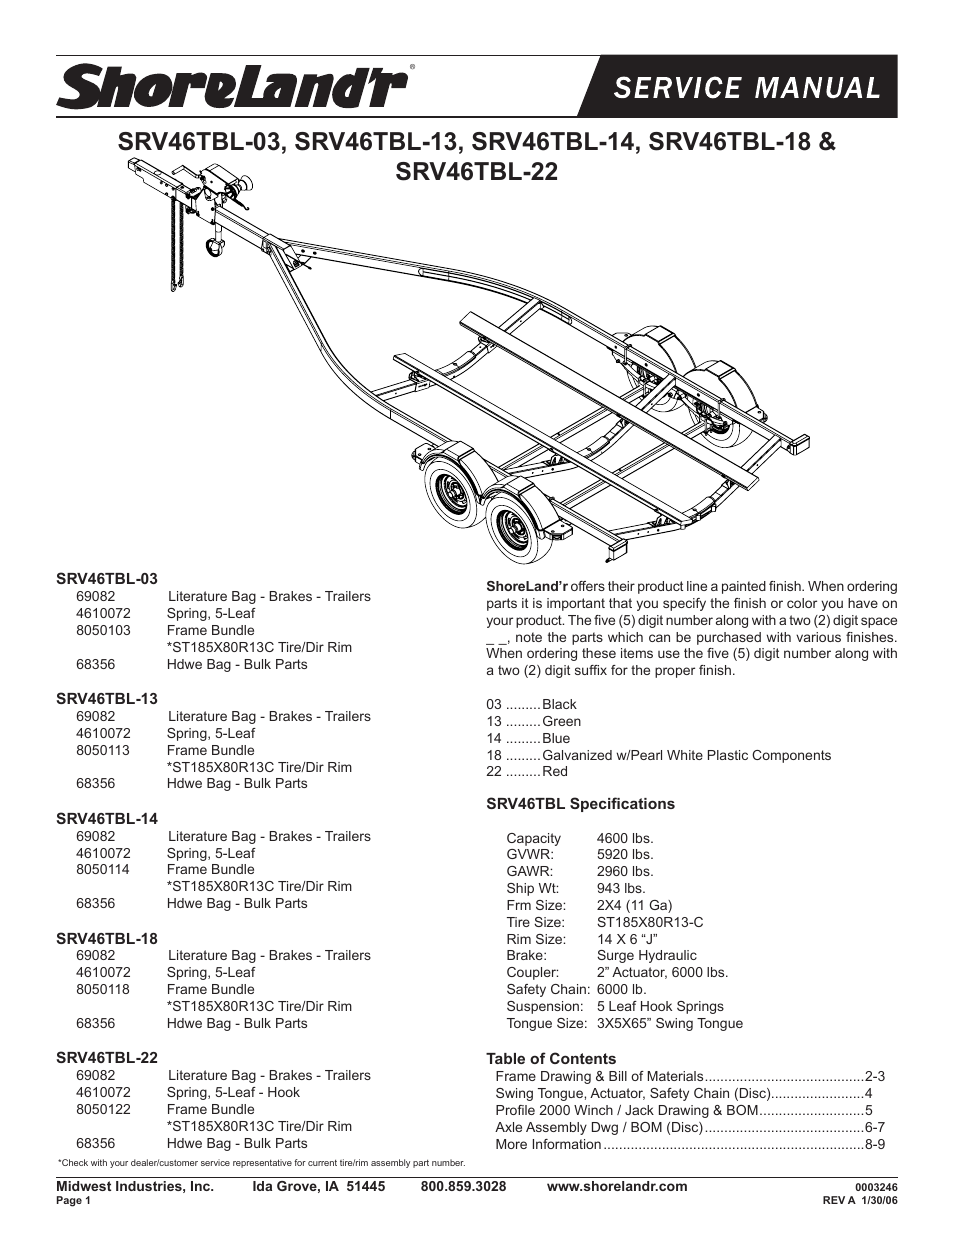 Shoreland U0026 39 R Srv46tbl User Manual